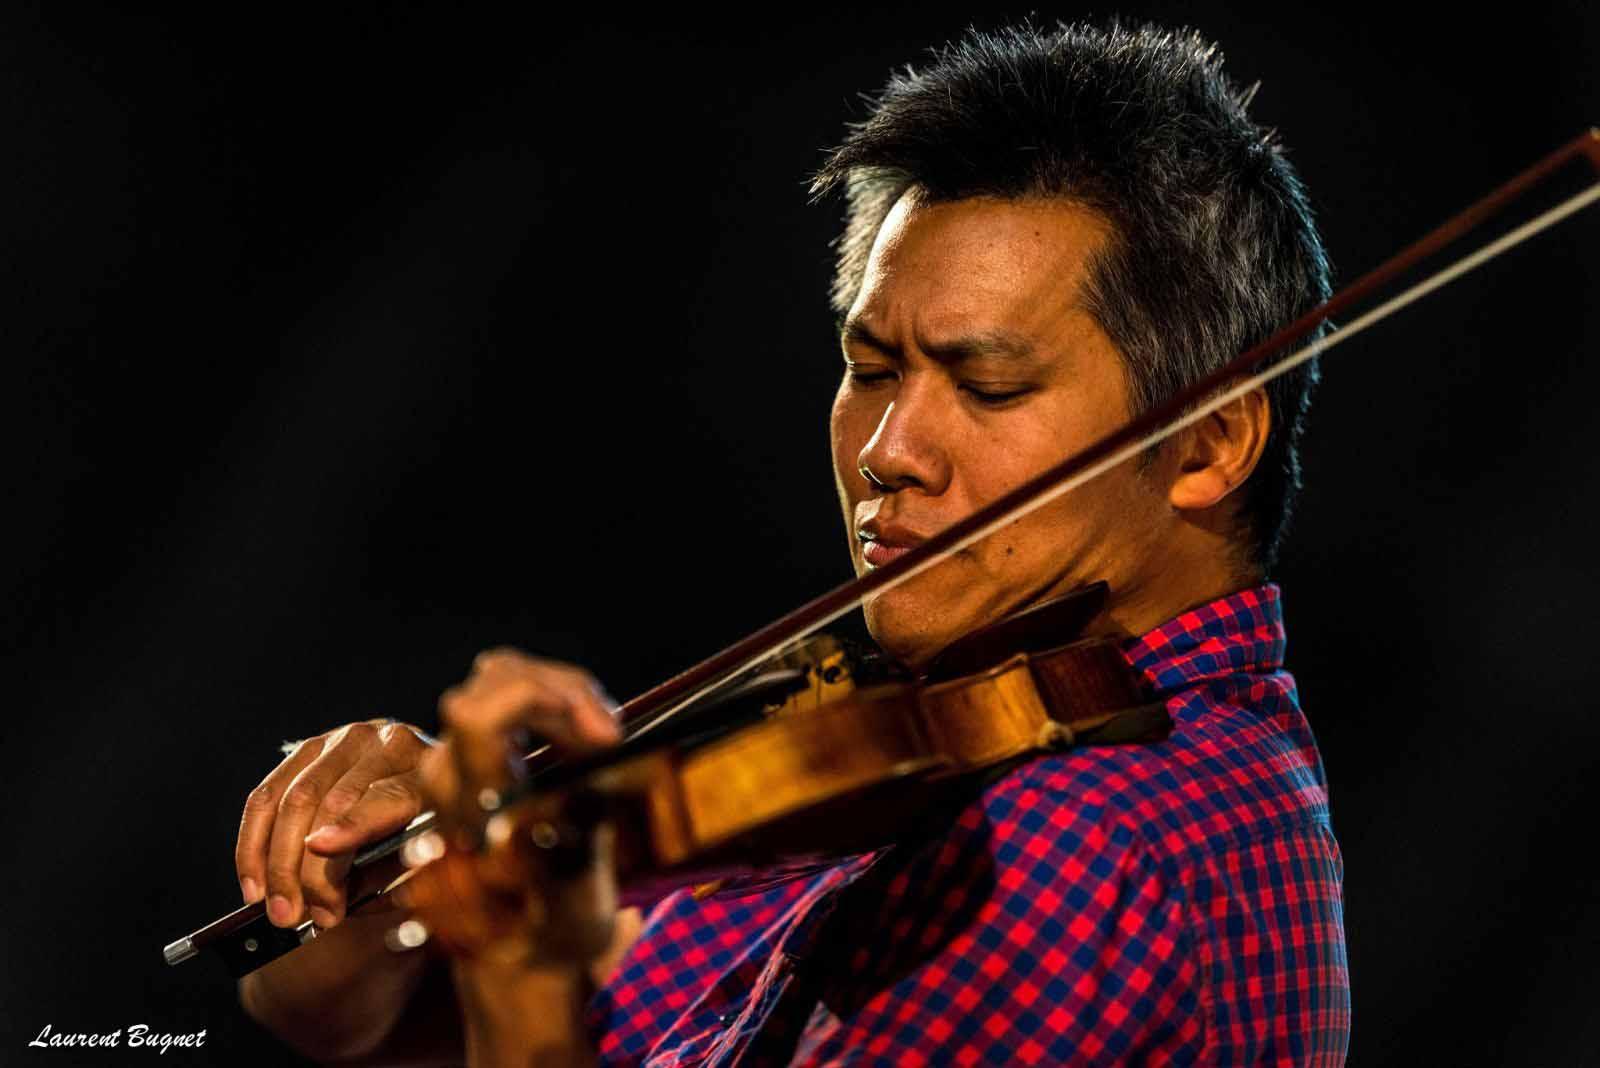 Nghệ sĩ Violin Phạm Vinh có dịp về nước biểu diễn trong đêm nhạc này